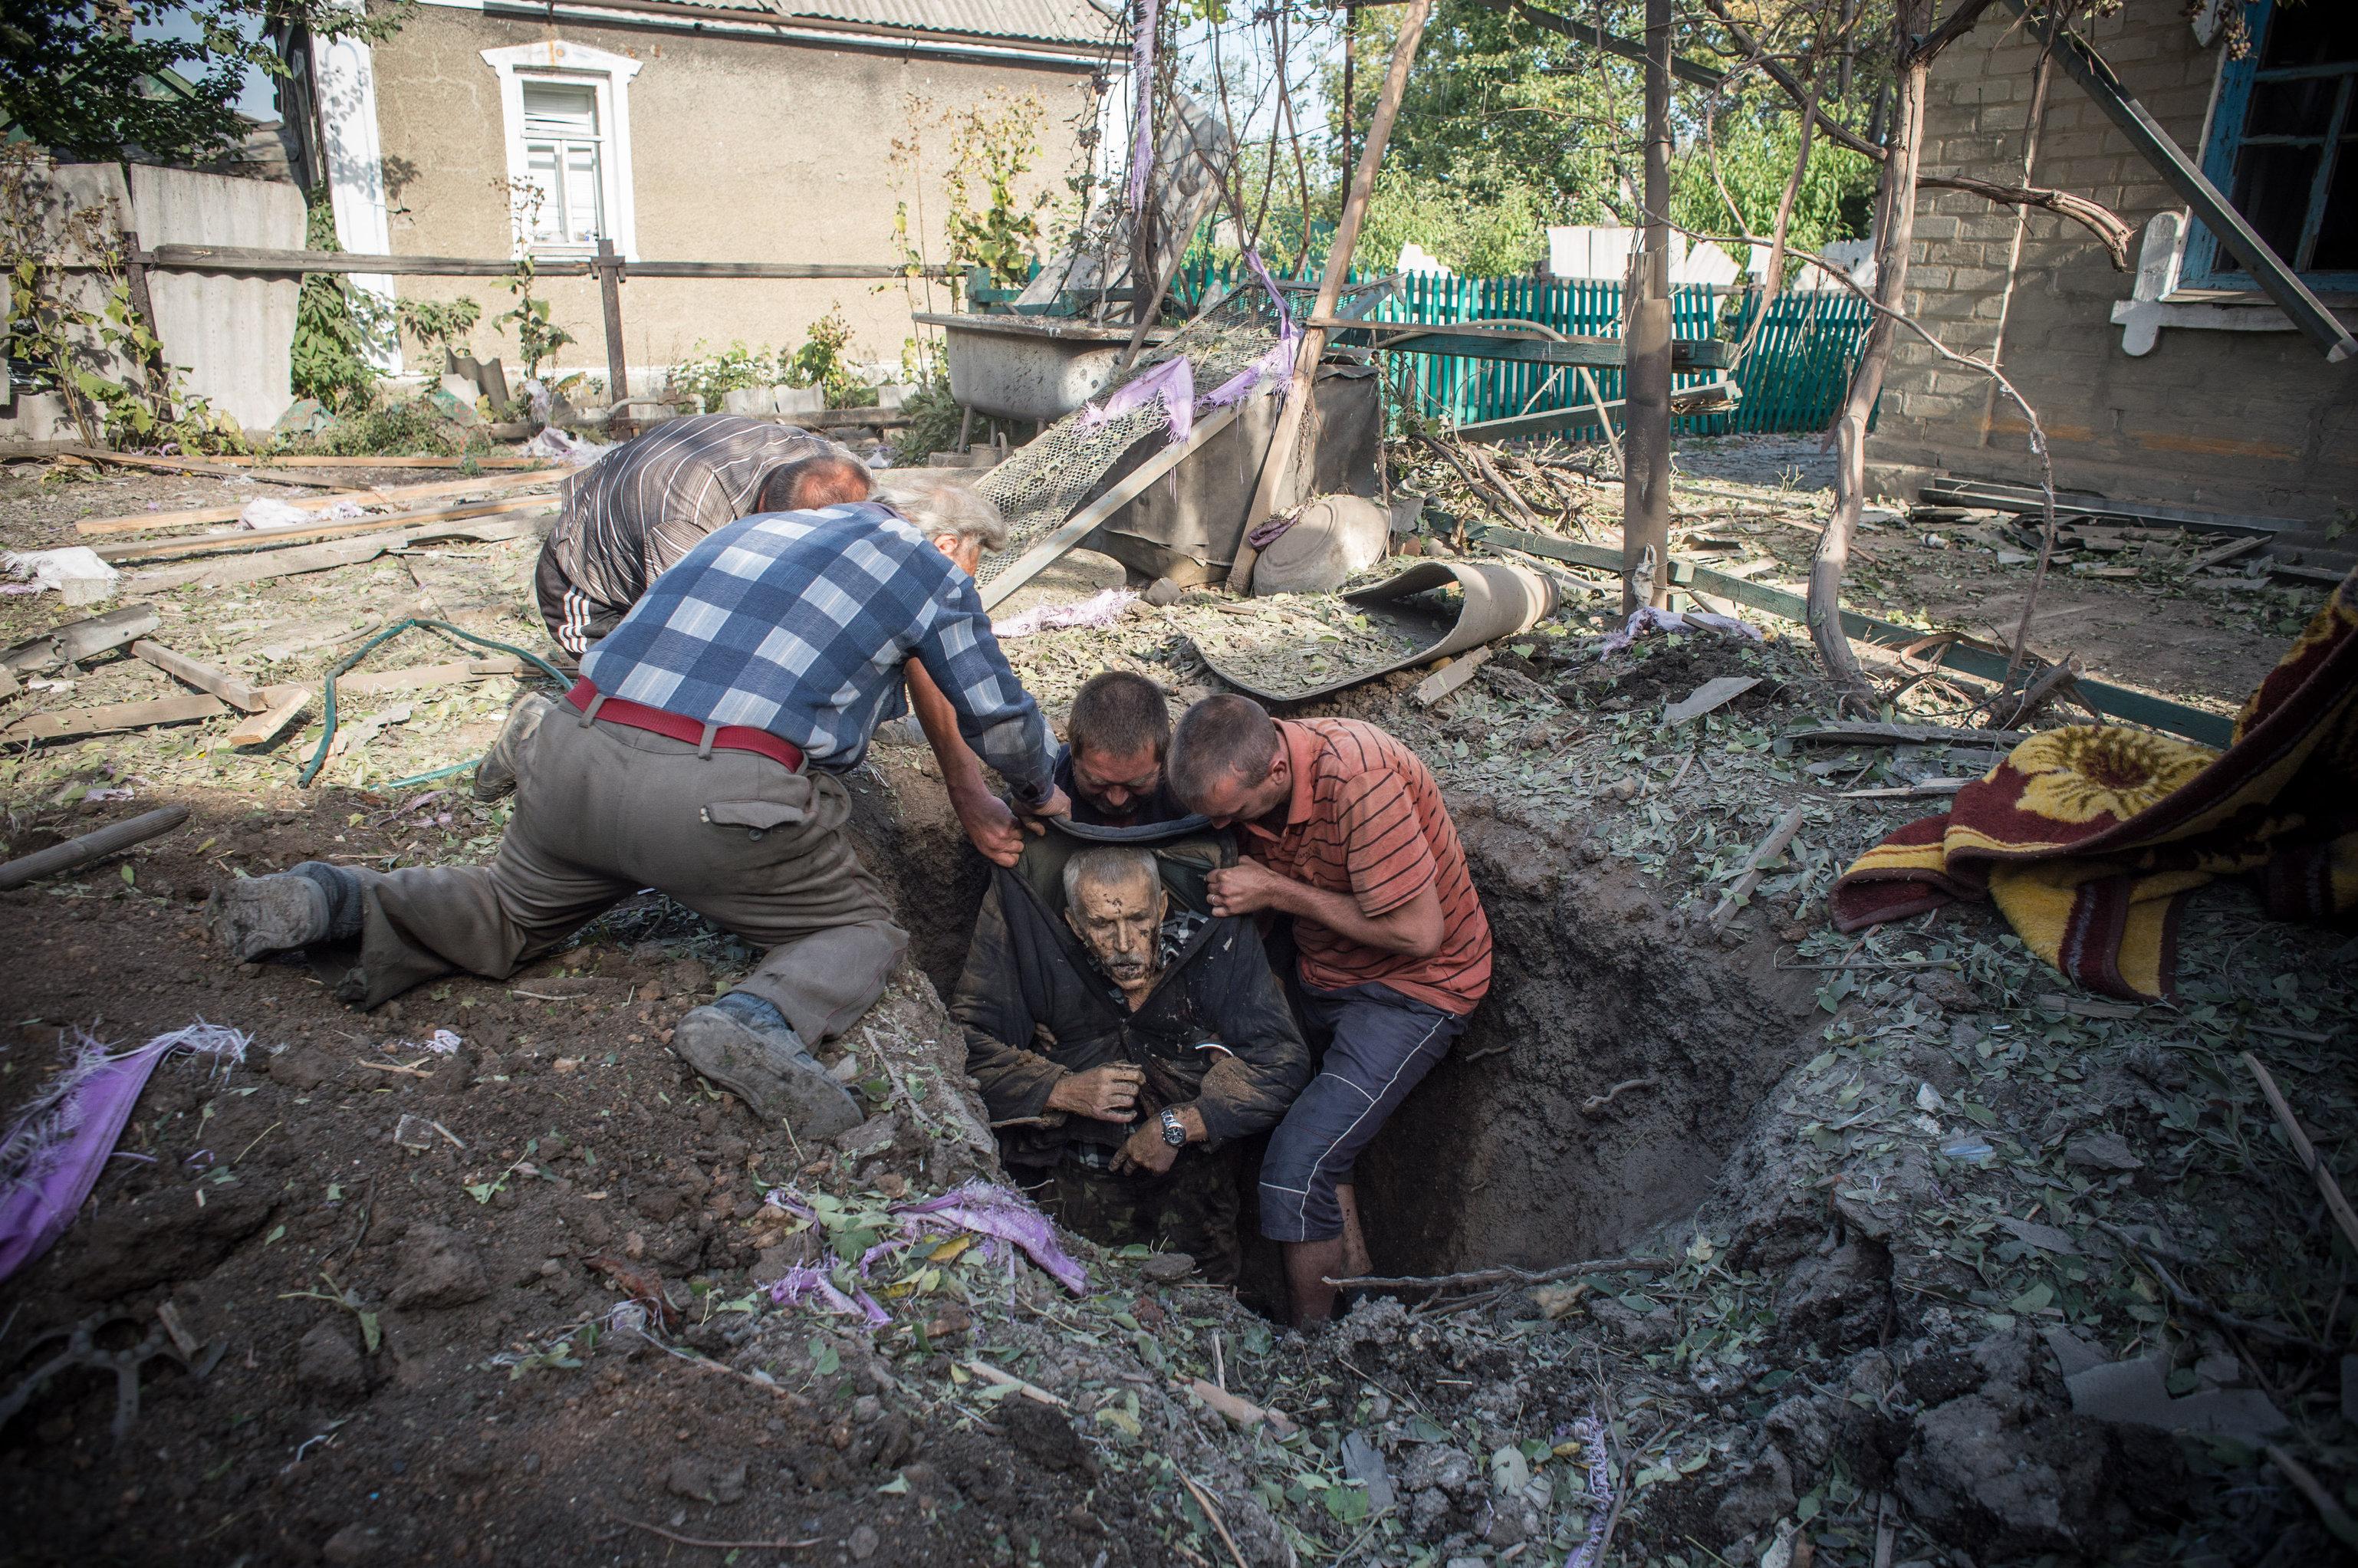 Les habitants locaux retirent le corps d'un homme tué lors des tirs d'artillerie dans le village d'Alexandrovka, dans la région de Donetsk